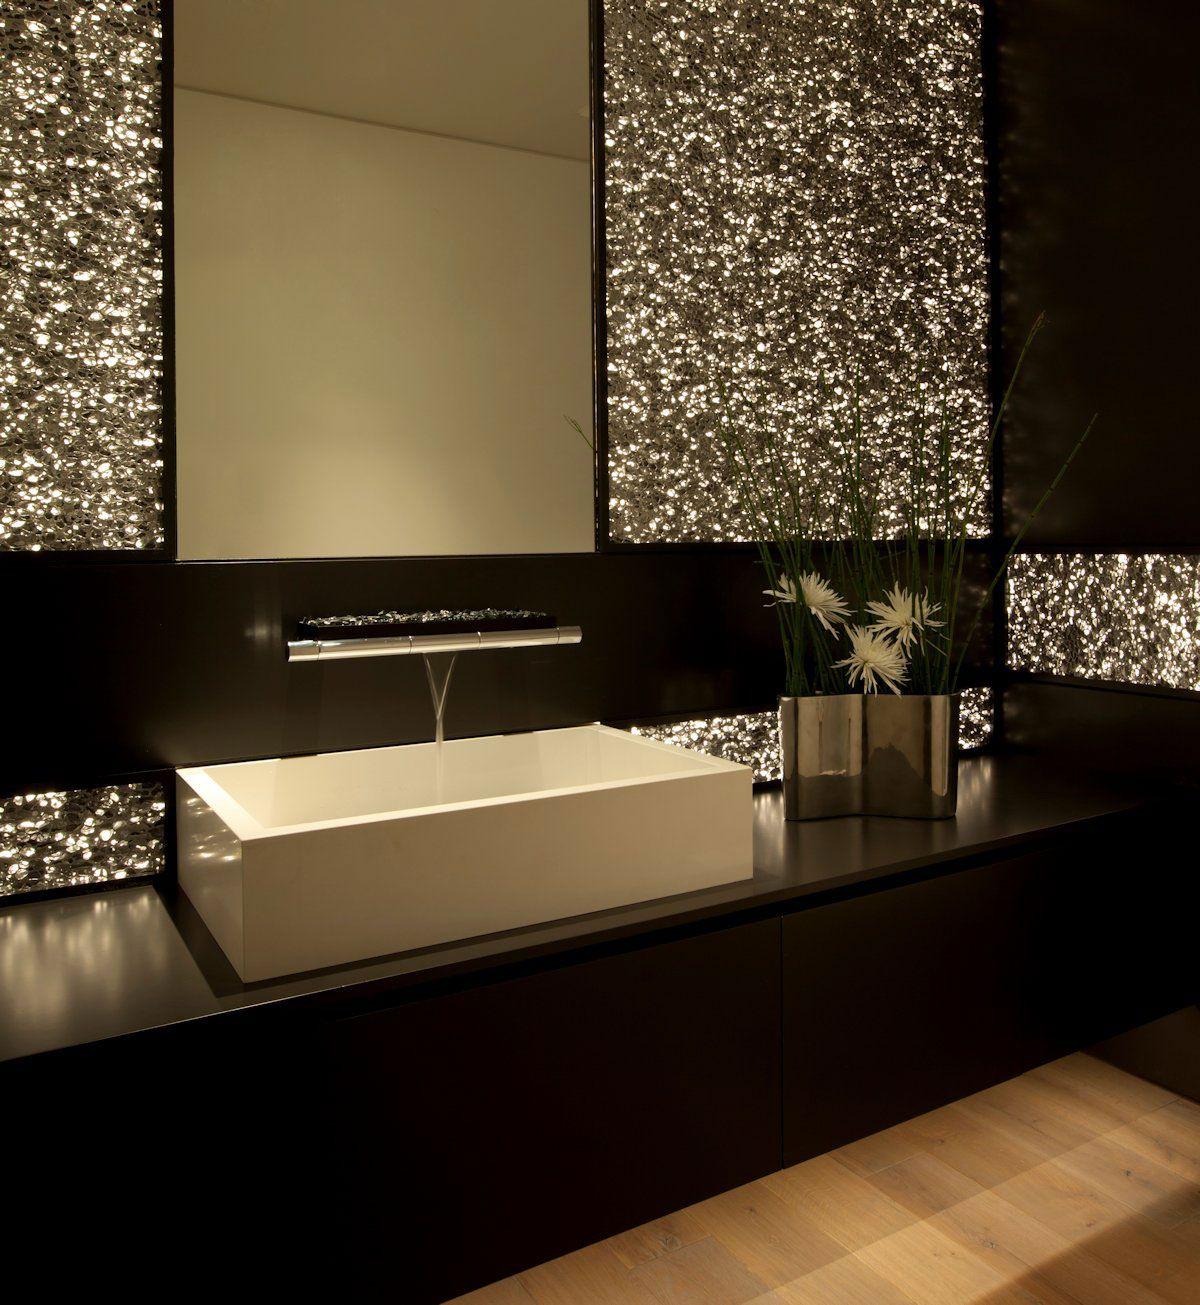 Badezimmer design gold rockledge by horst architects  badezimmer  pinterest  architects